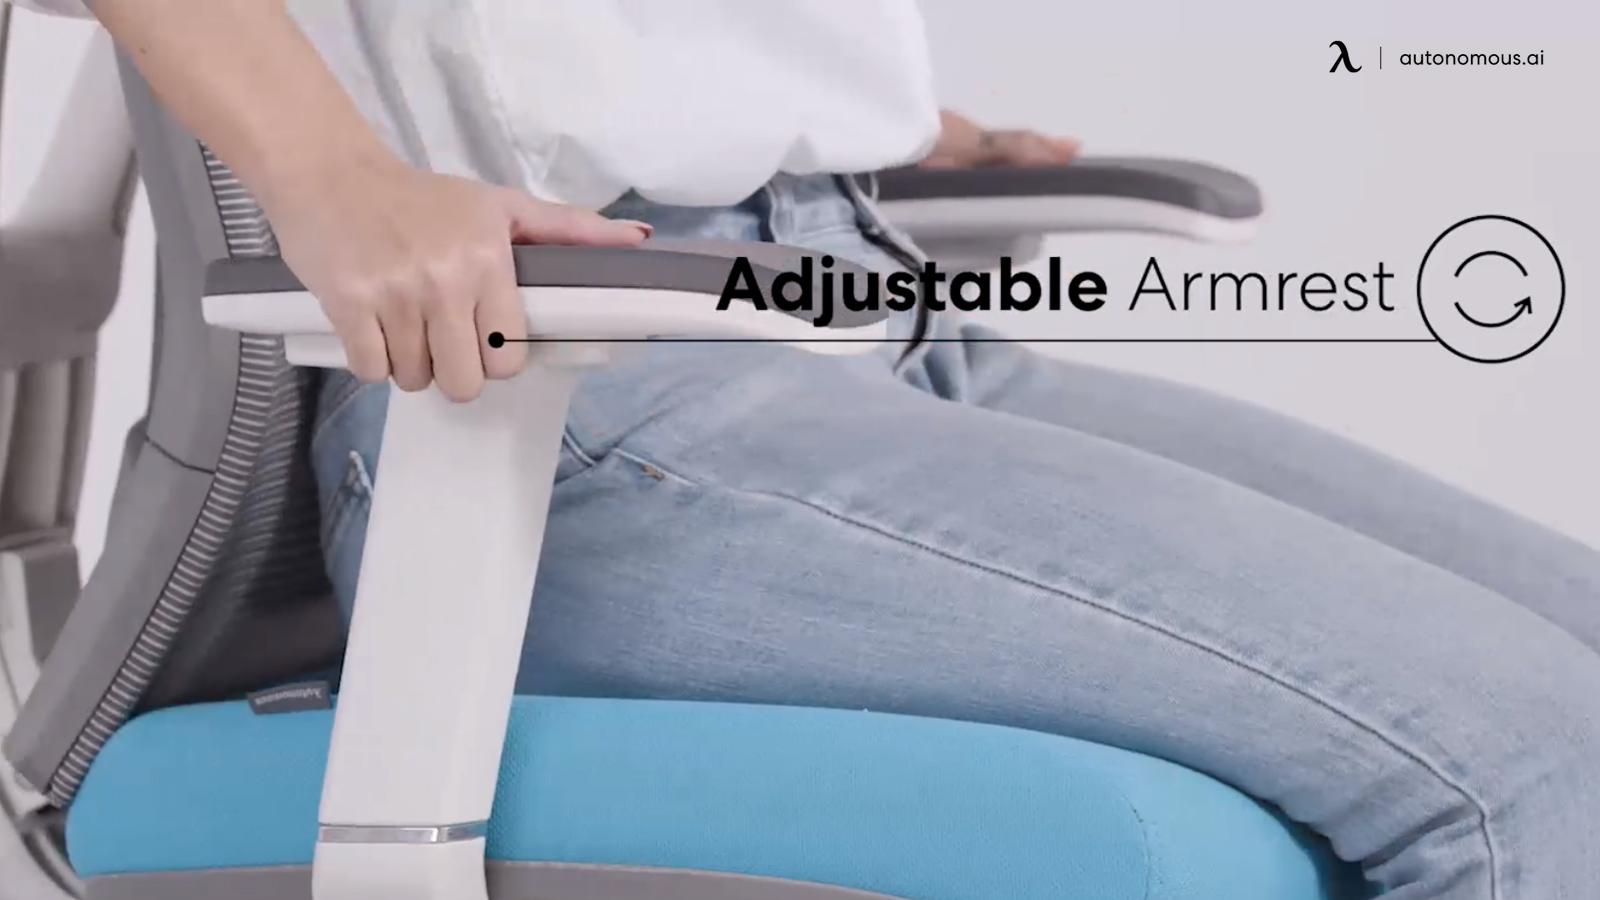 Adjustable Armrests